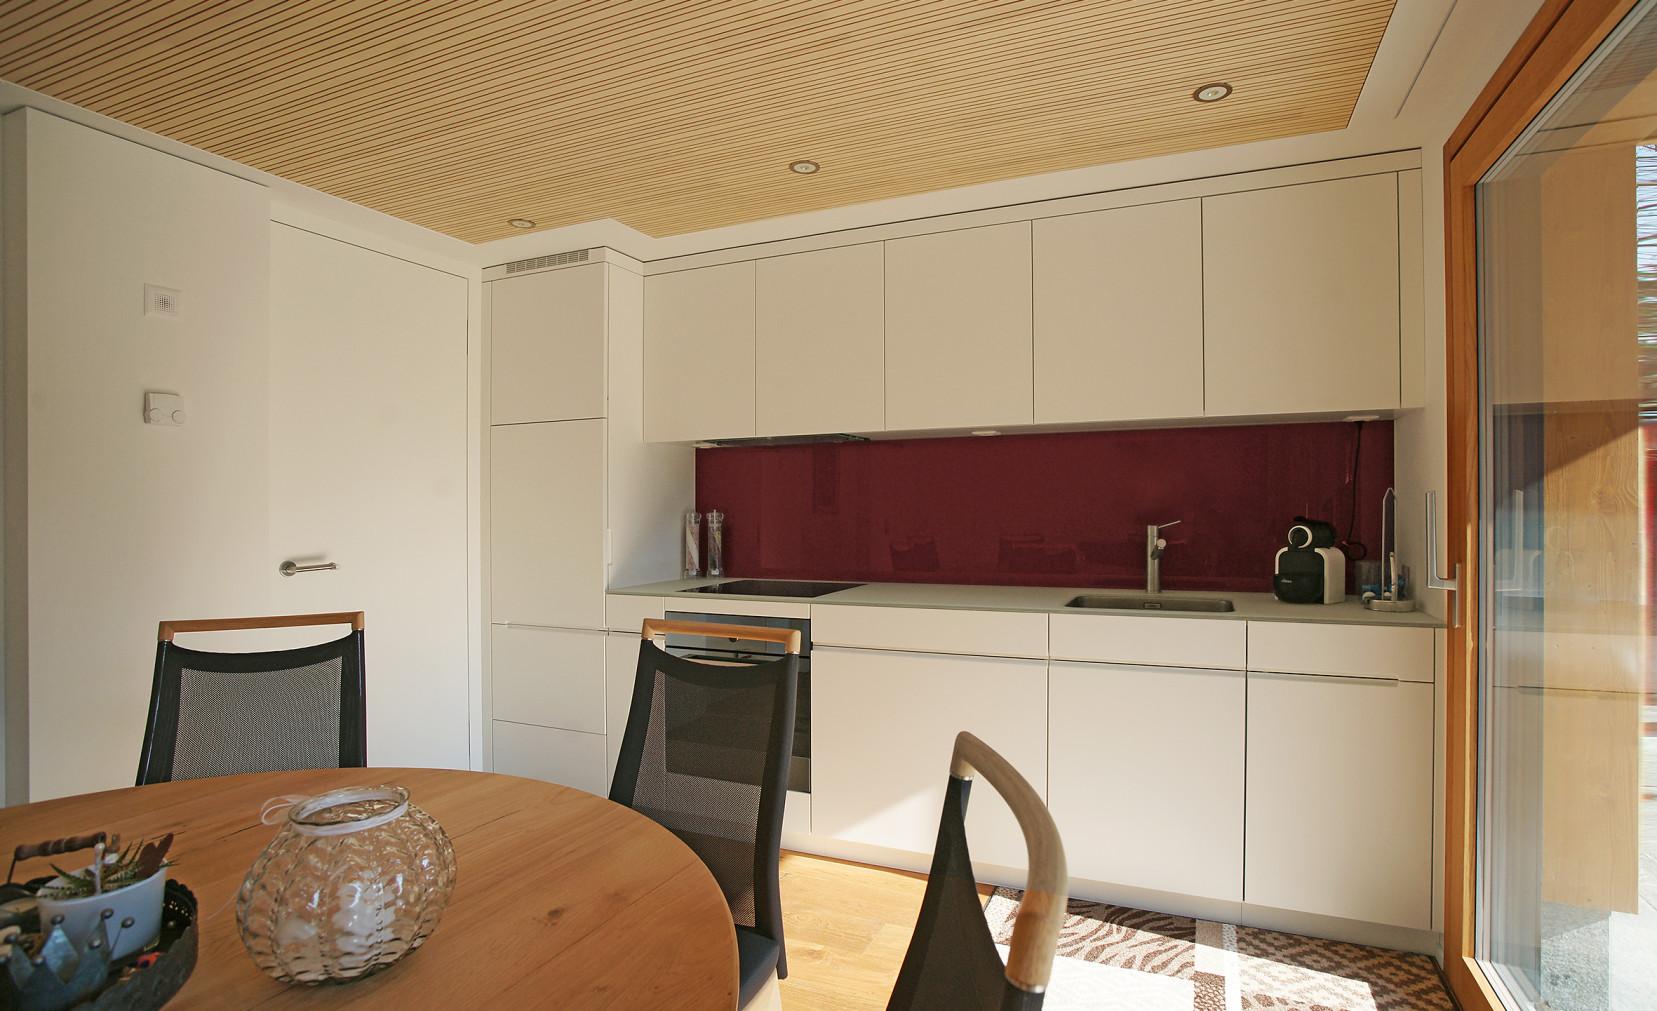 k chen schreinerei walter spichtig ag sachseln obwalden. Black Bedroom Furniture Sets. Home Design Ideas